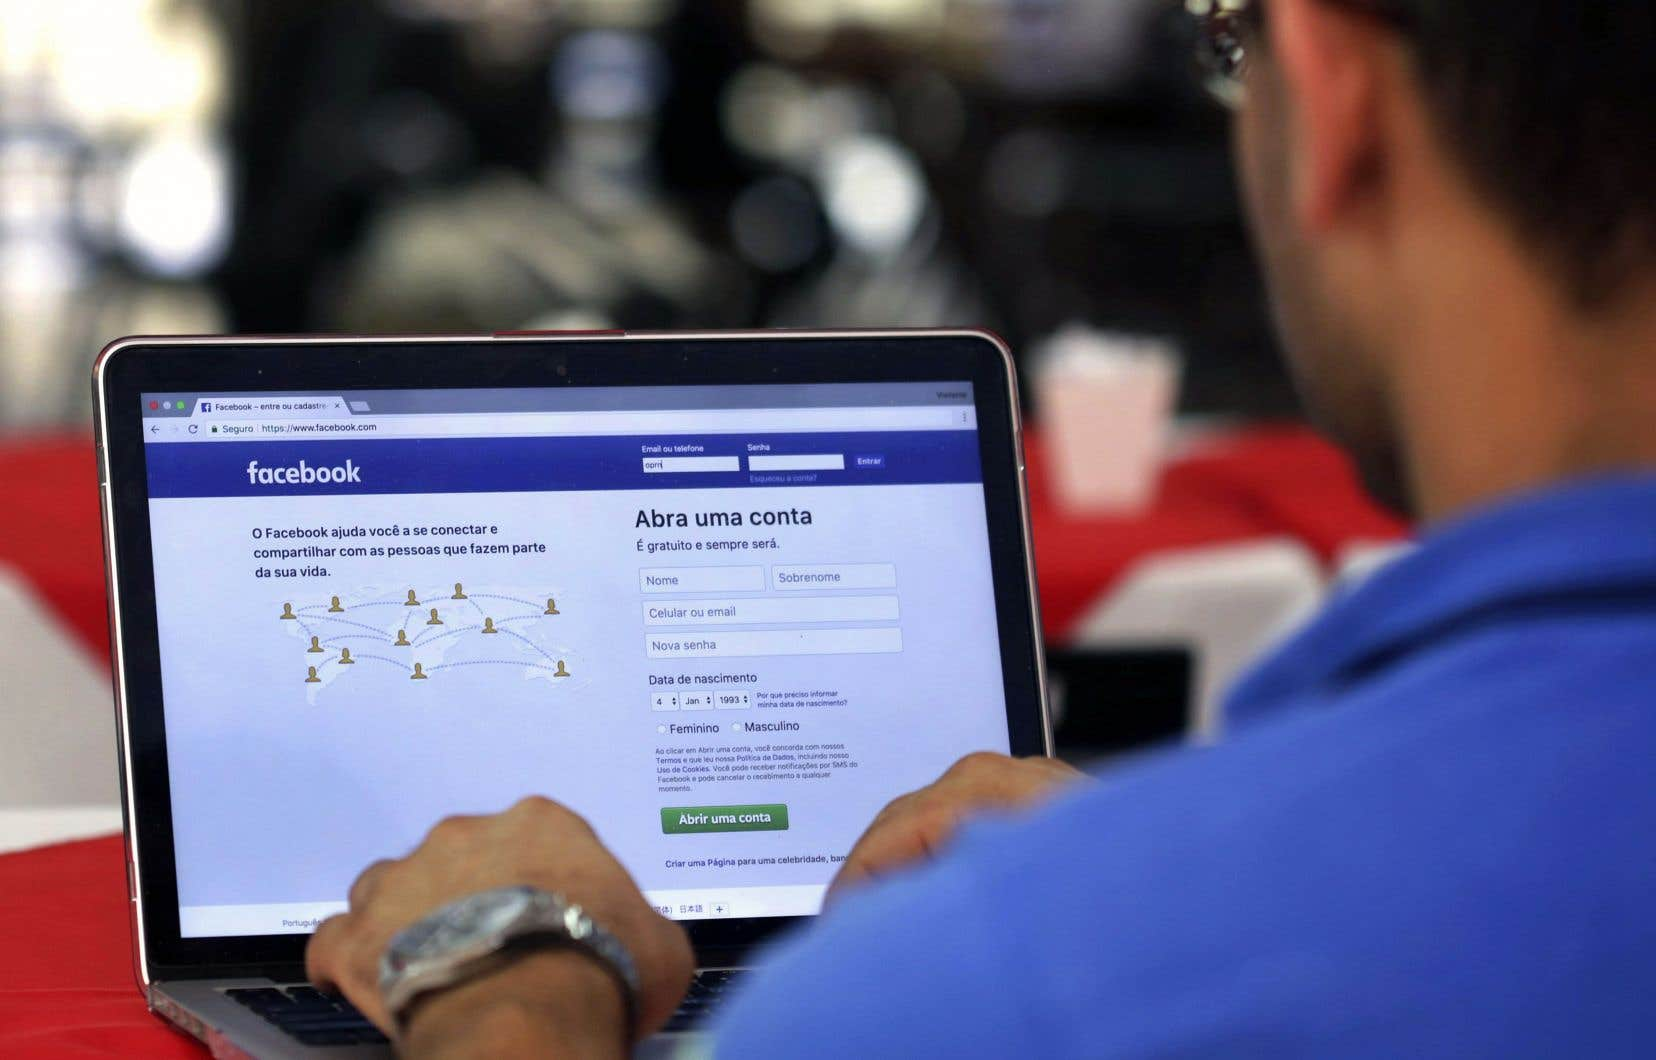 La firme britannique Cambridge Analytica aurait obtenu de façon inappropriée les données privées d'utilisateurs de Facebook afin de les utiliser pour soutenir la campagne présidentielle de Donald Trump.